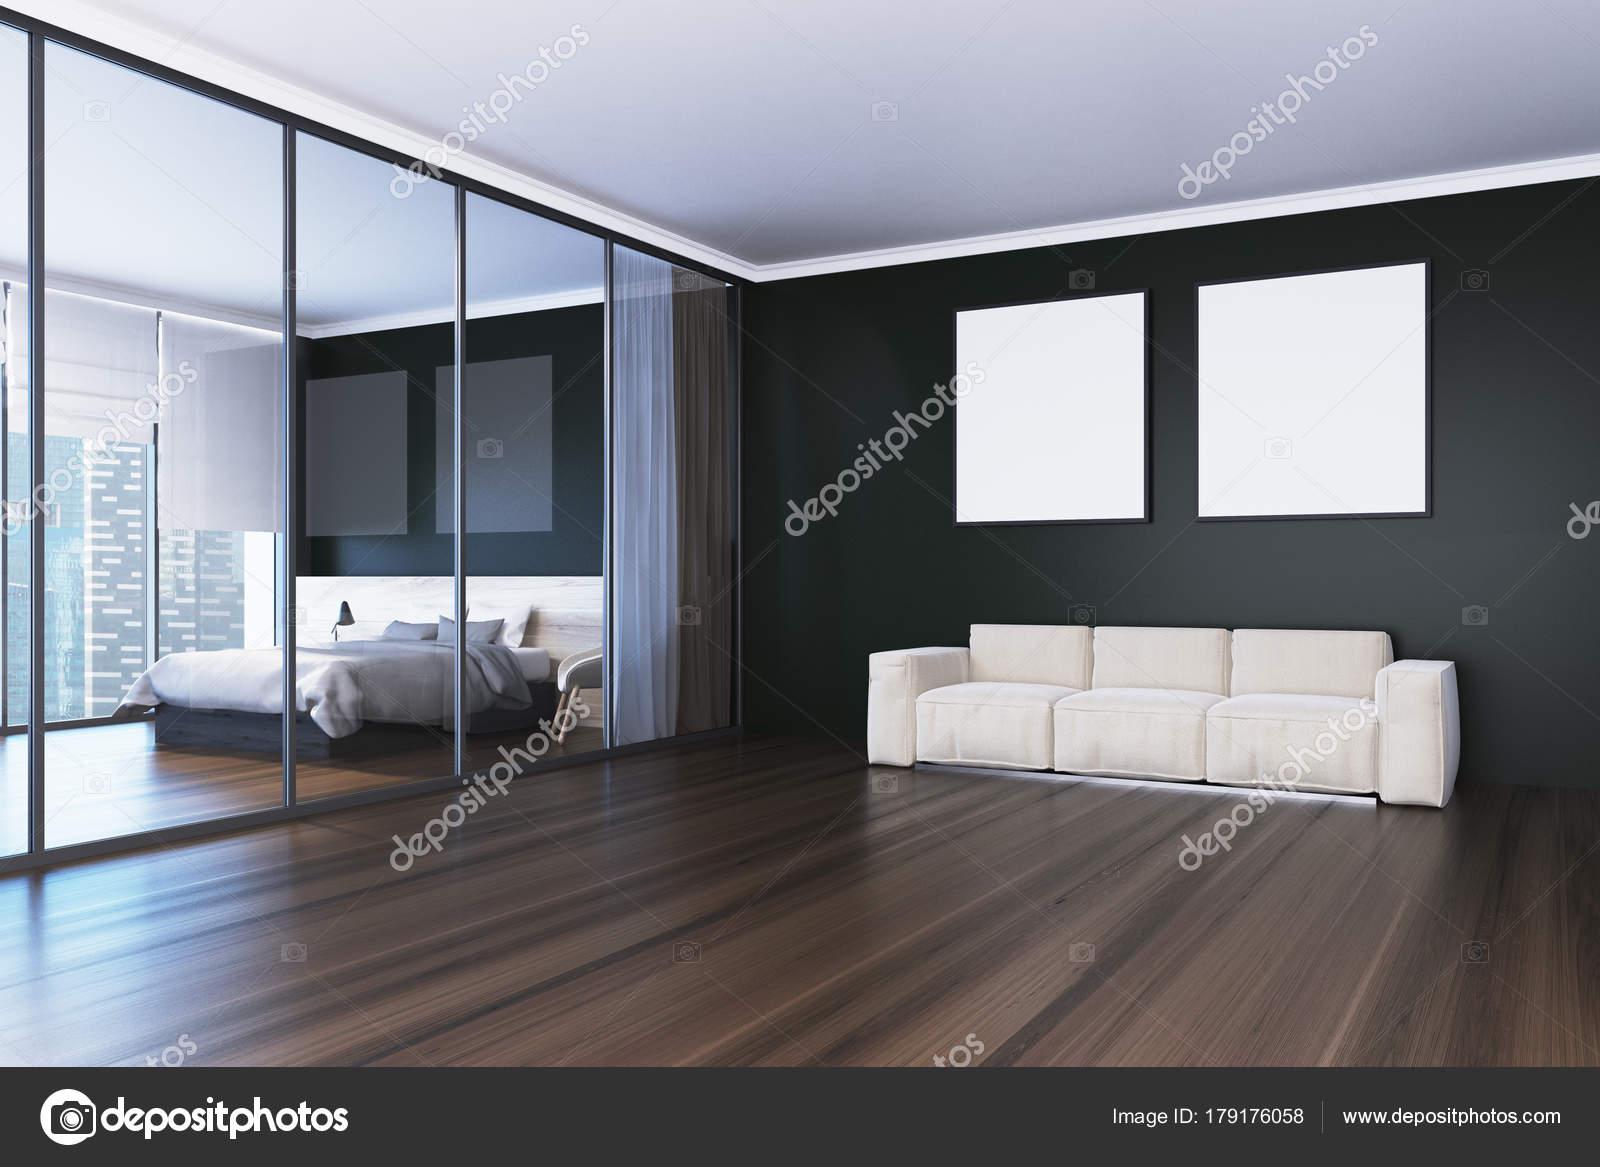 Sofa en vierkante posters woonkamer kant — Stockfoto ...